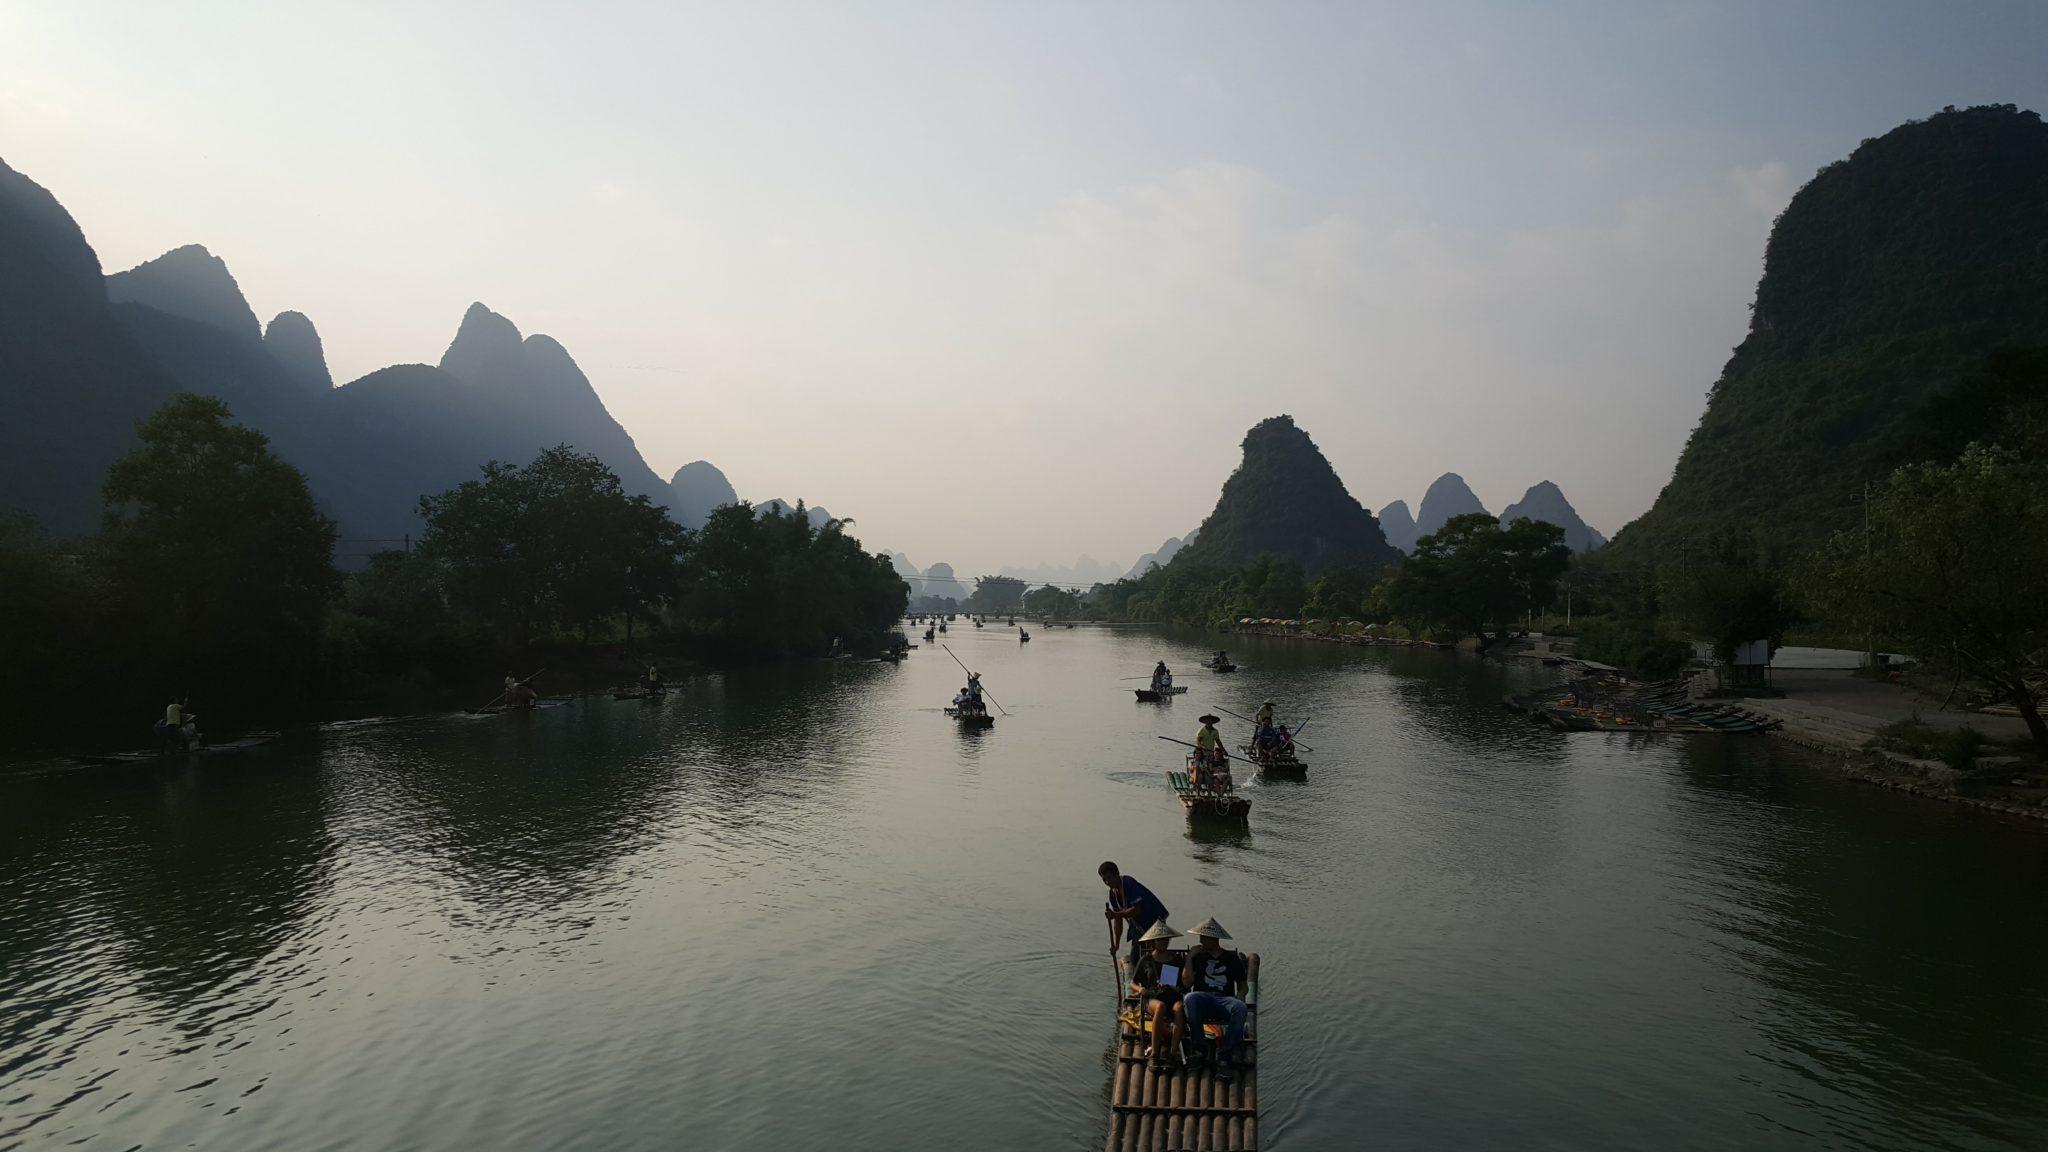 Yangshou — afslappende ferie i Kinas smukkeste natur